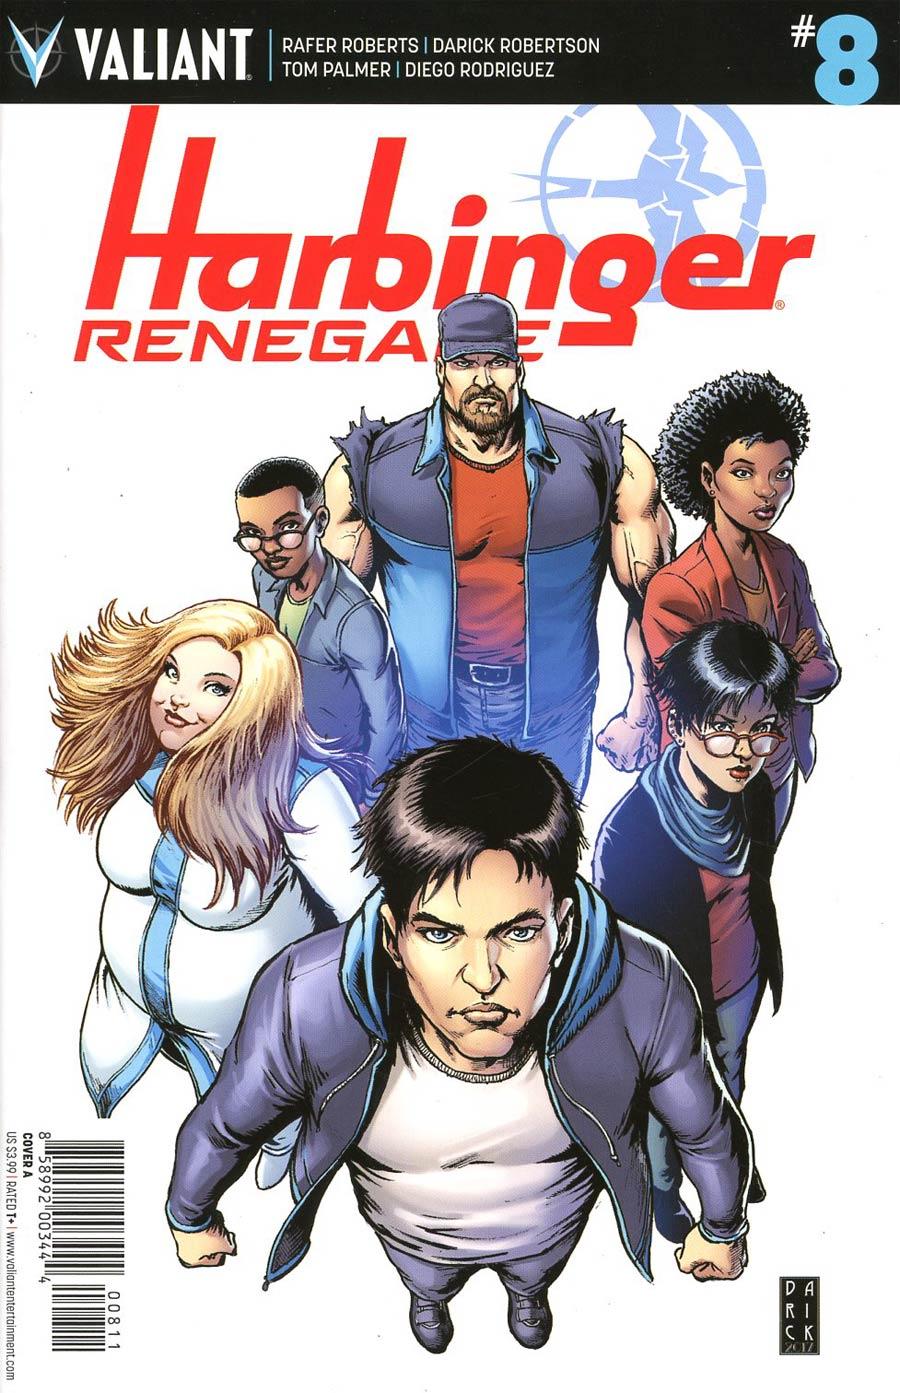 Harbinger Renegade #8 Cover A Regular Darick Robertson Cover